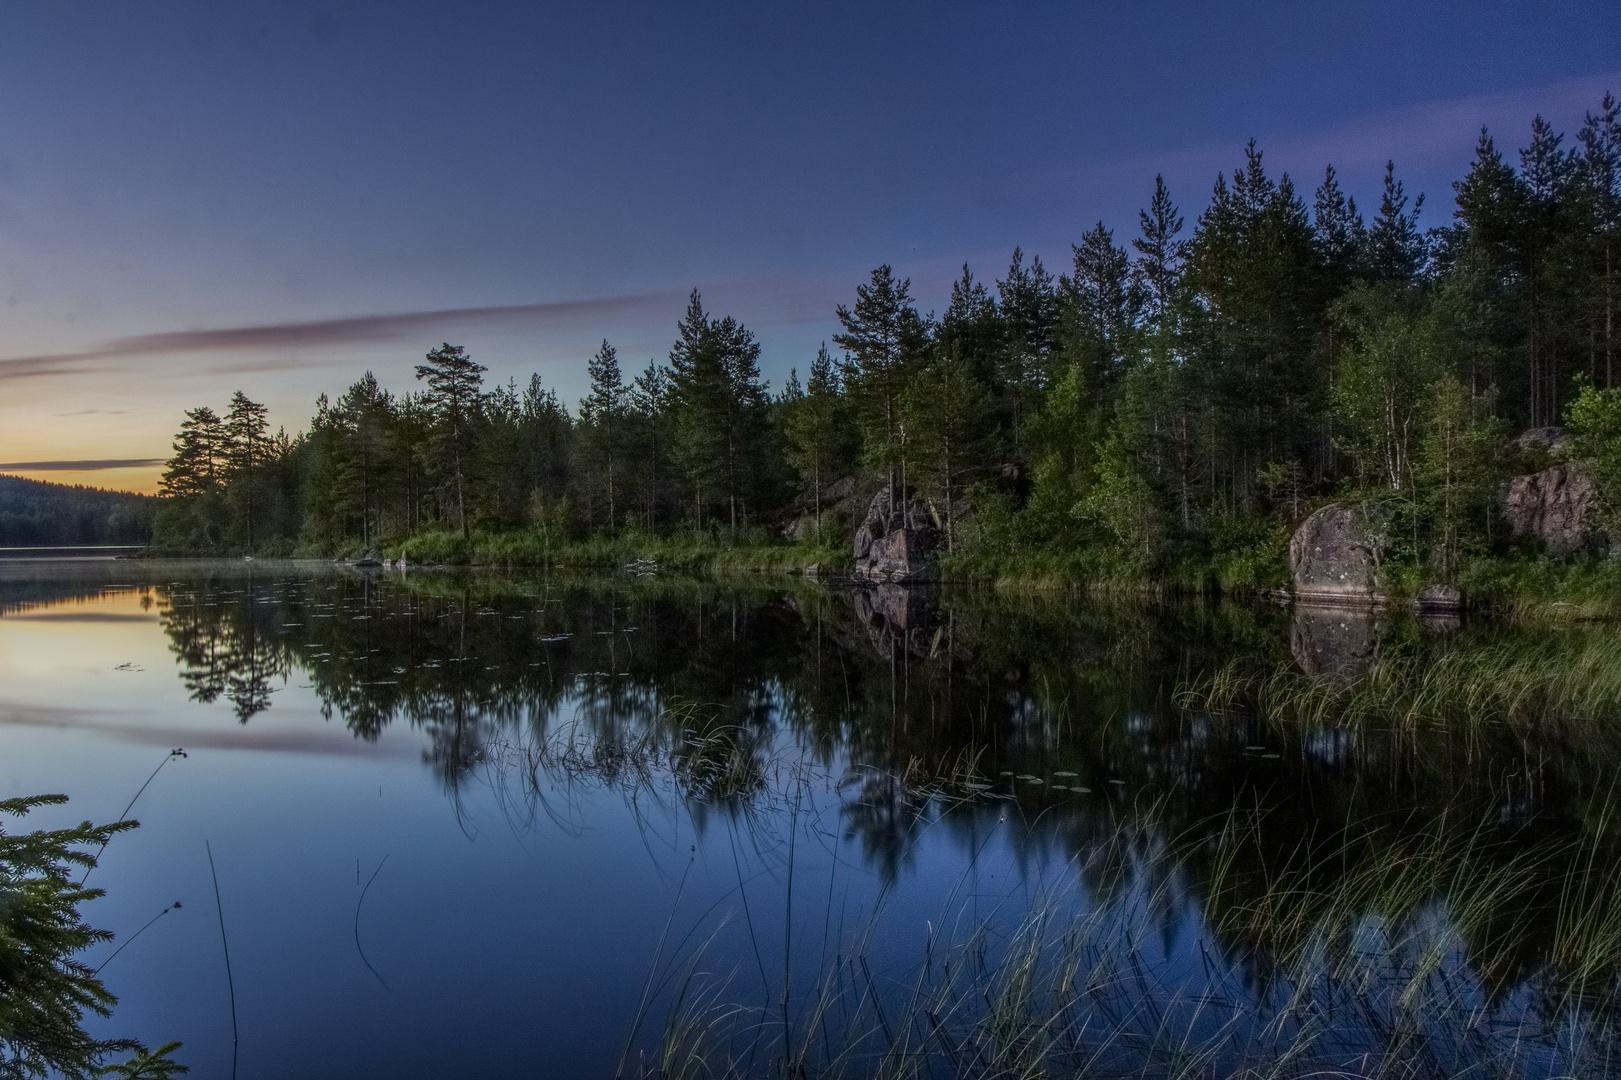 Ein See mitten im Wald